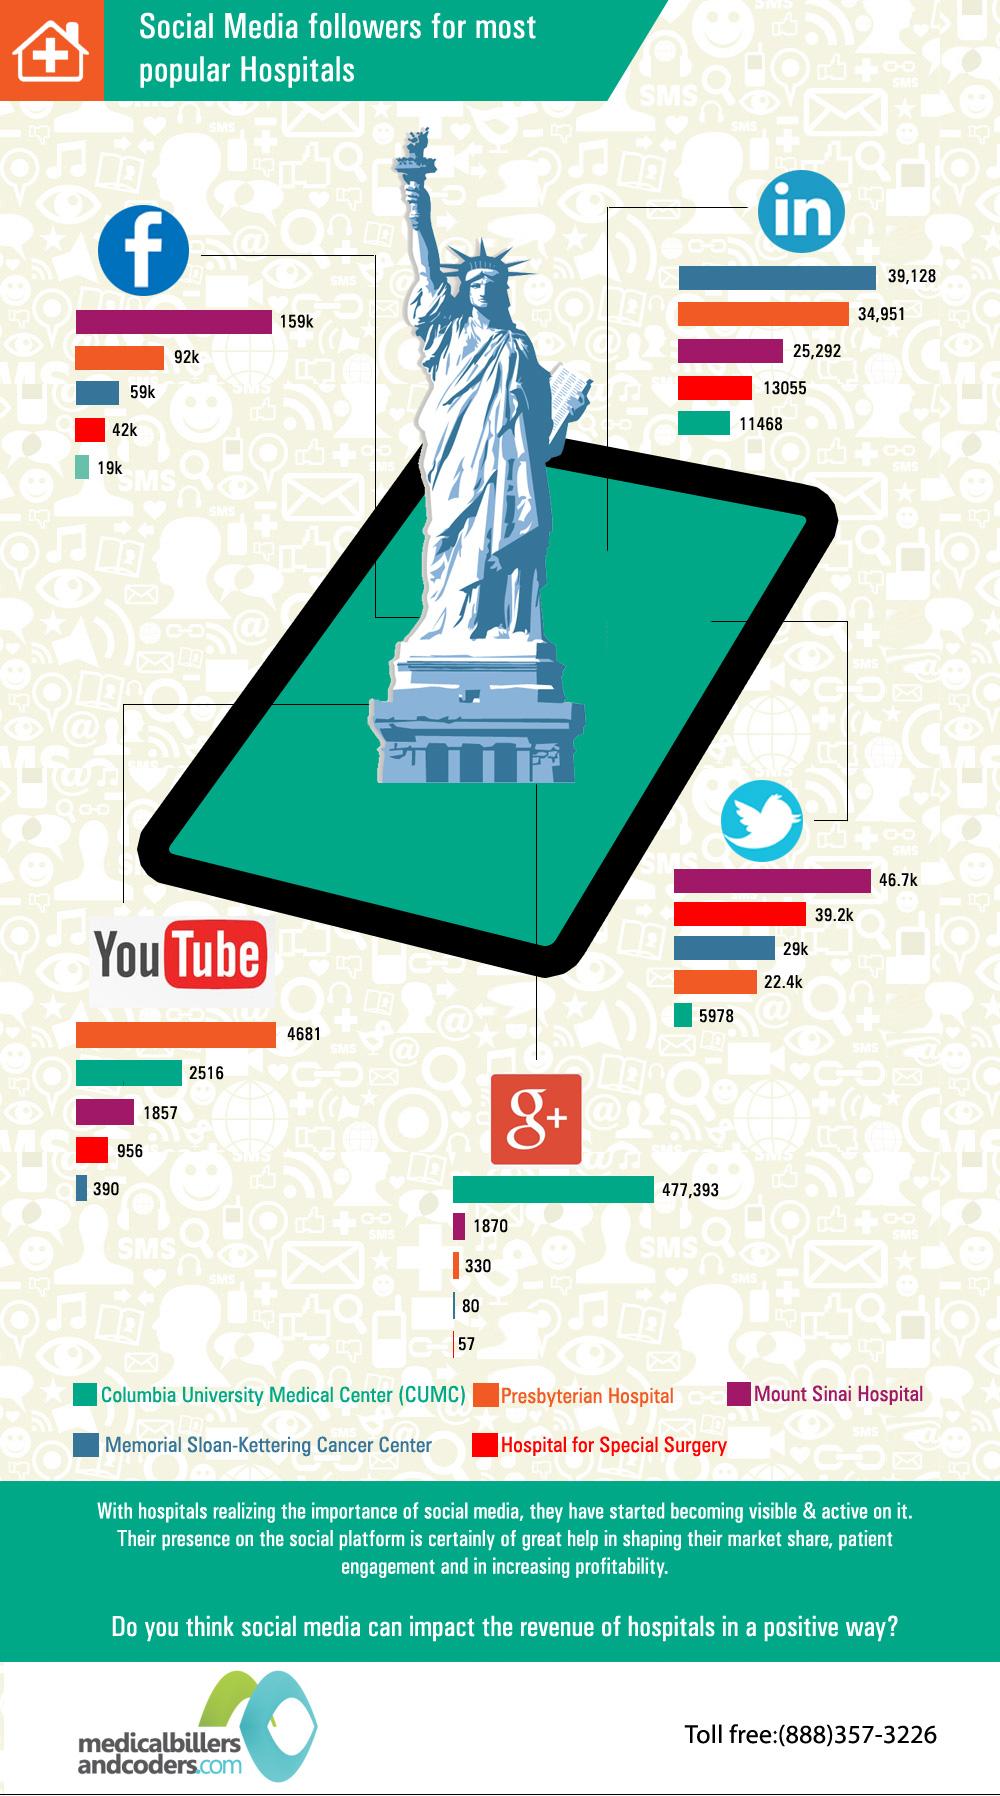 newyork-hospitals-on-social-media